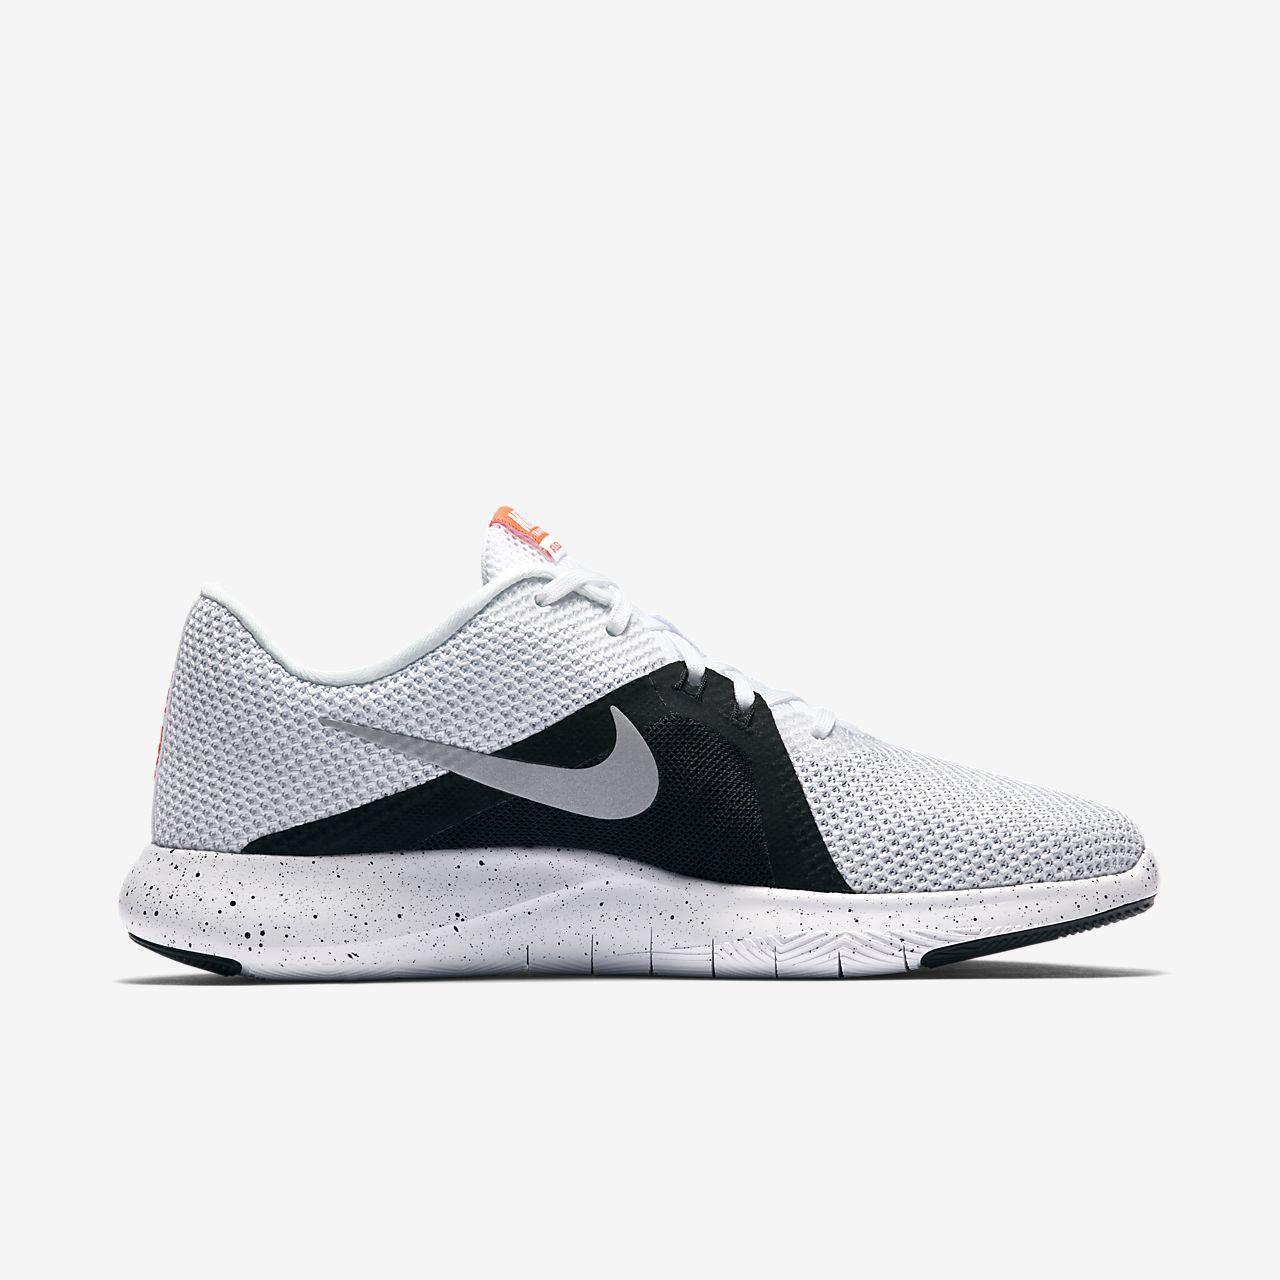 1e44d9339003 Nike Women Flex TR 8 Training Schuh 924339 39 Beste Günstig Online ...